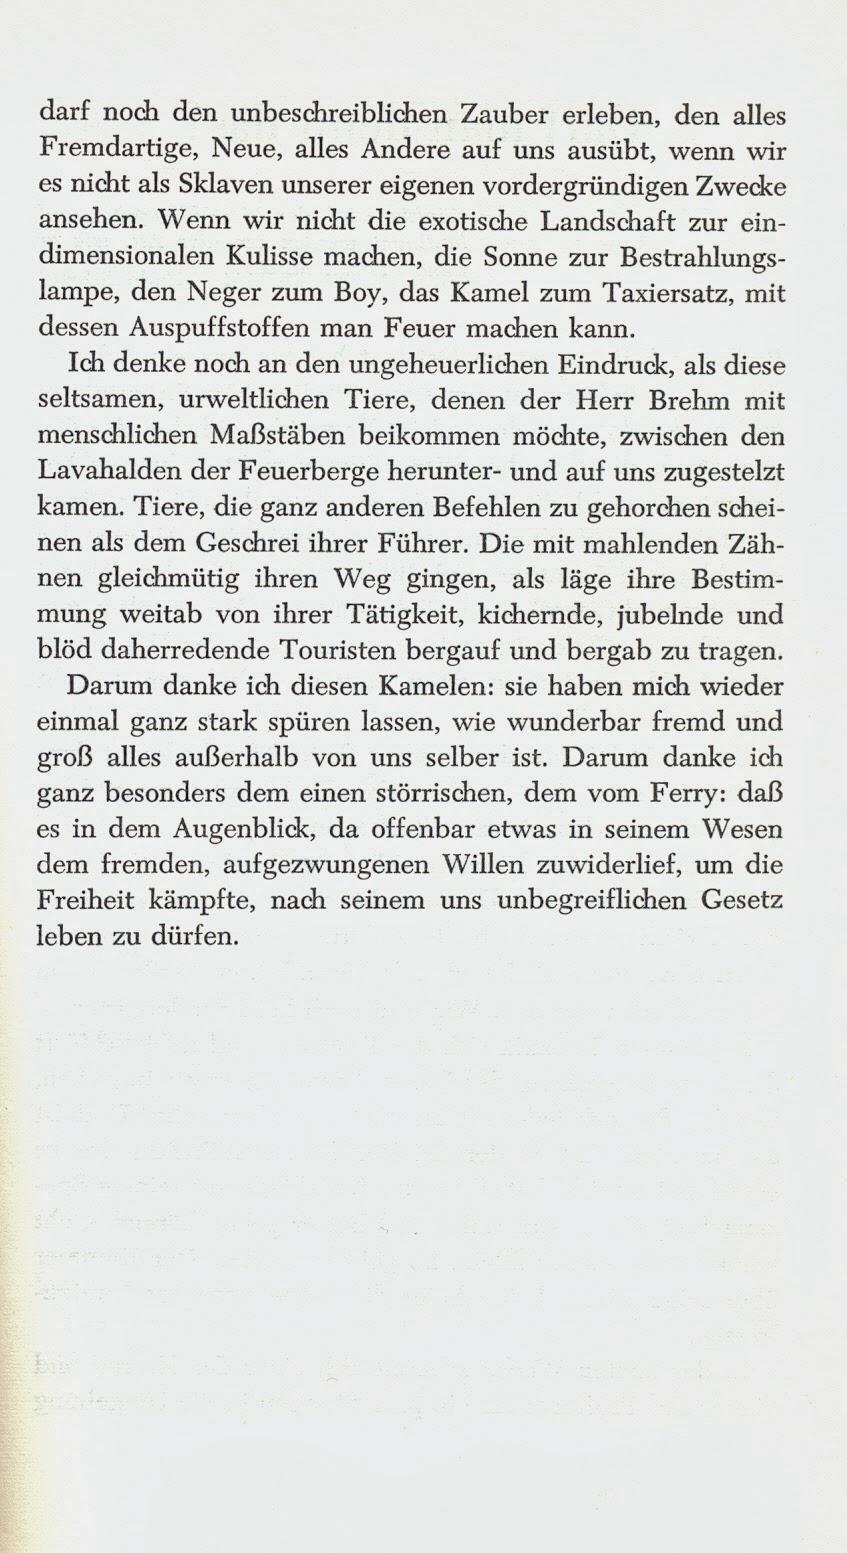 Groß übertragung Fortsetzen Galerie - Beispiel Wiederaufnahme ...